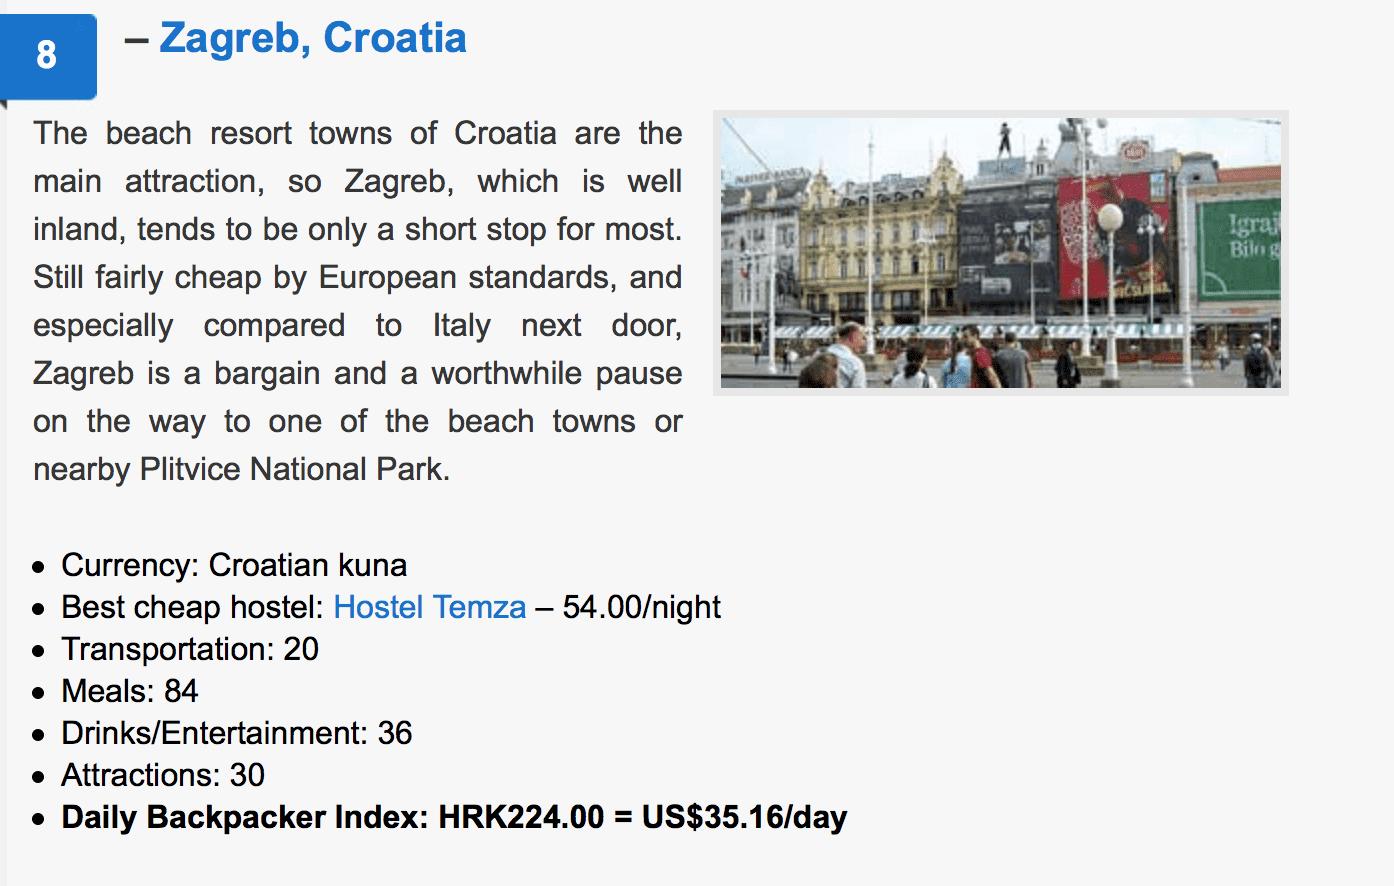 物價低歐洲城市|2018背包客最愛的物價最低歐洲旅行城市前十名